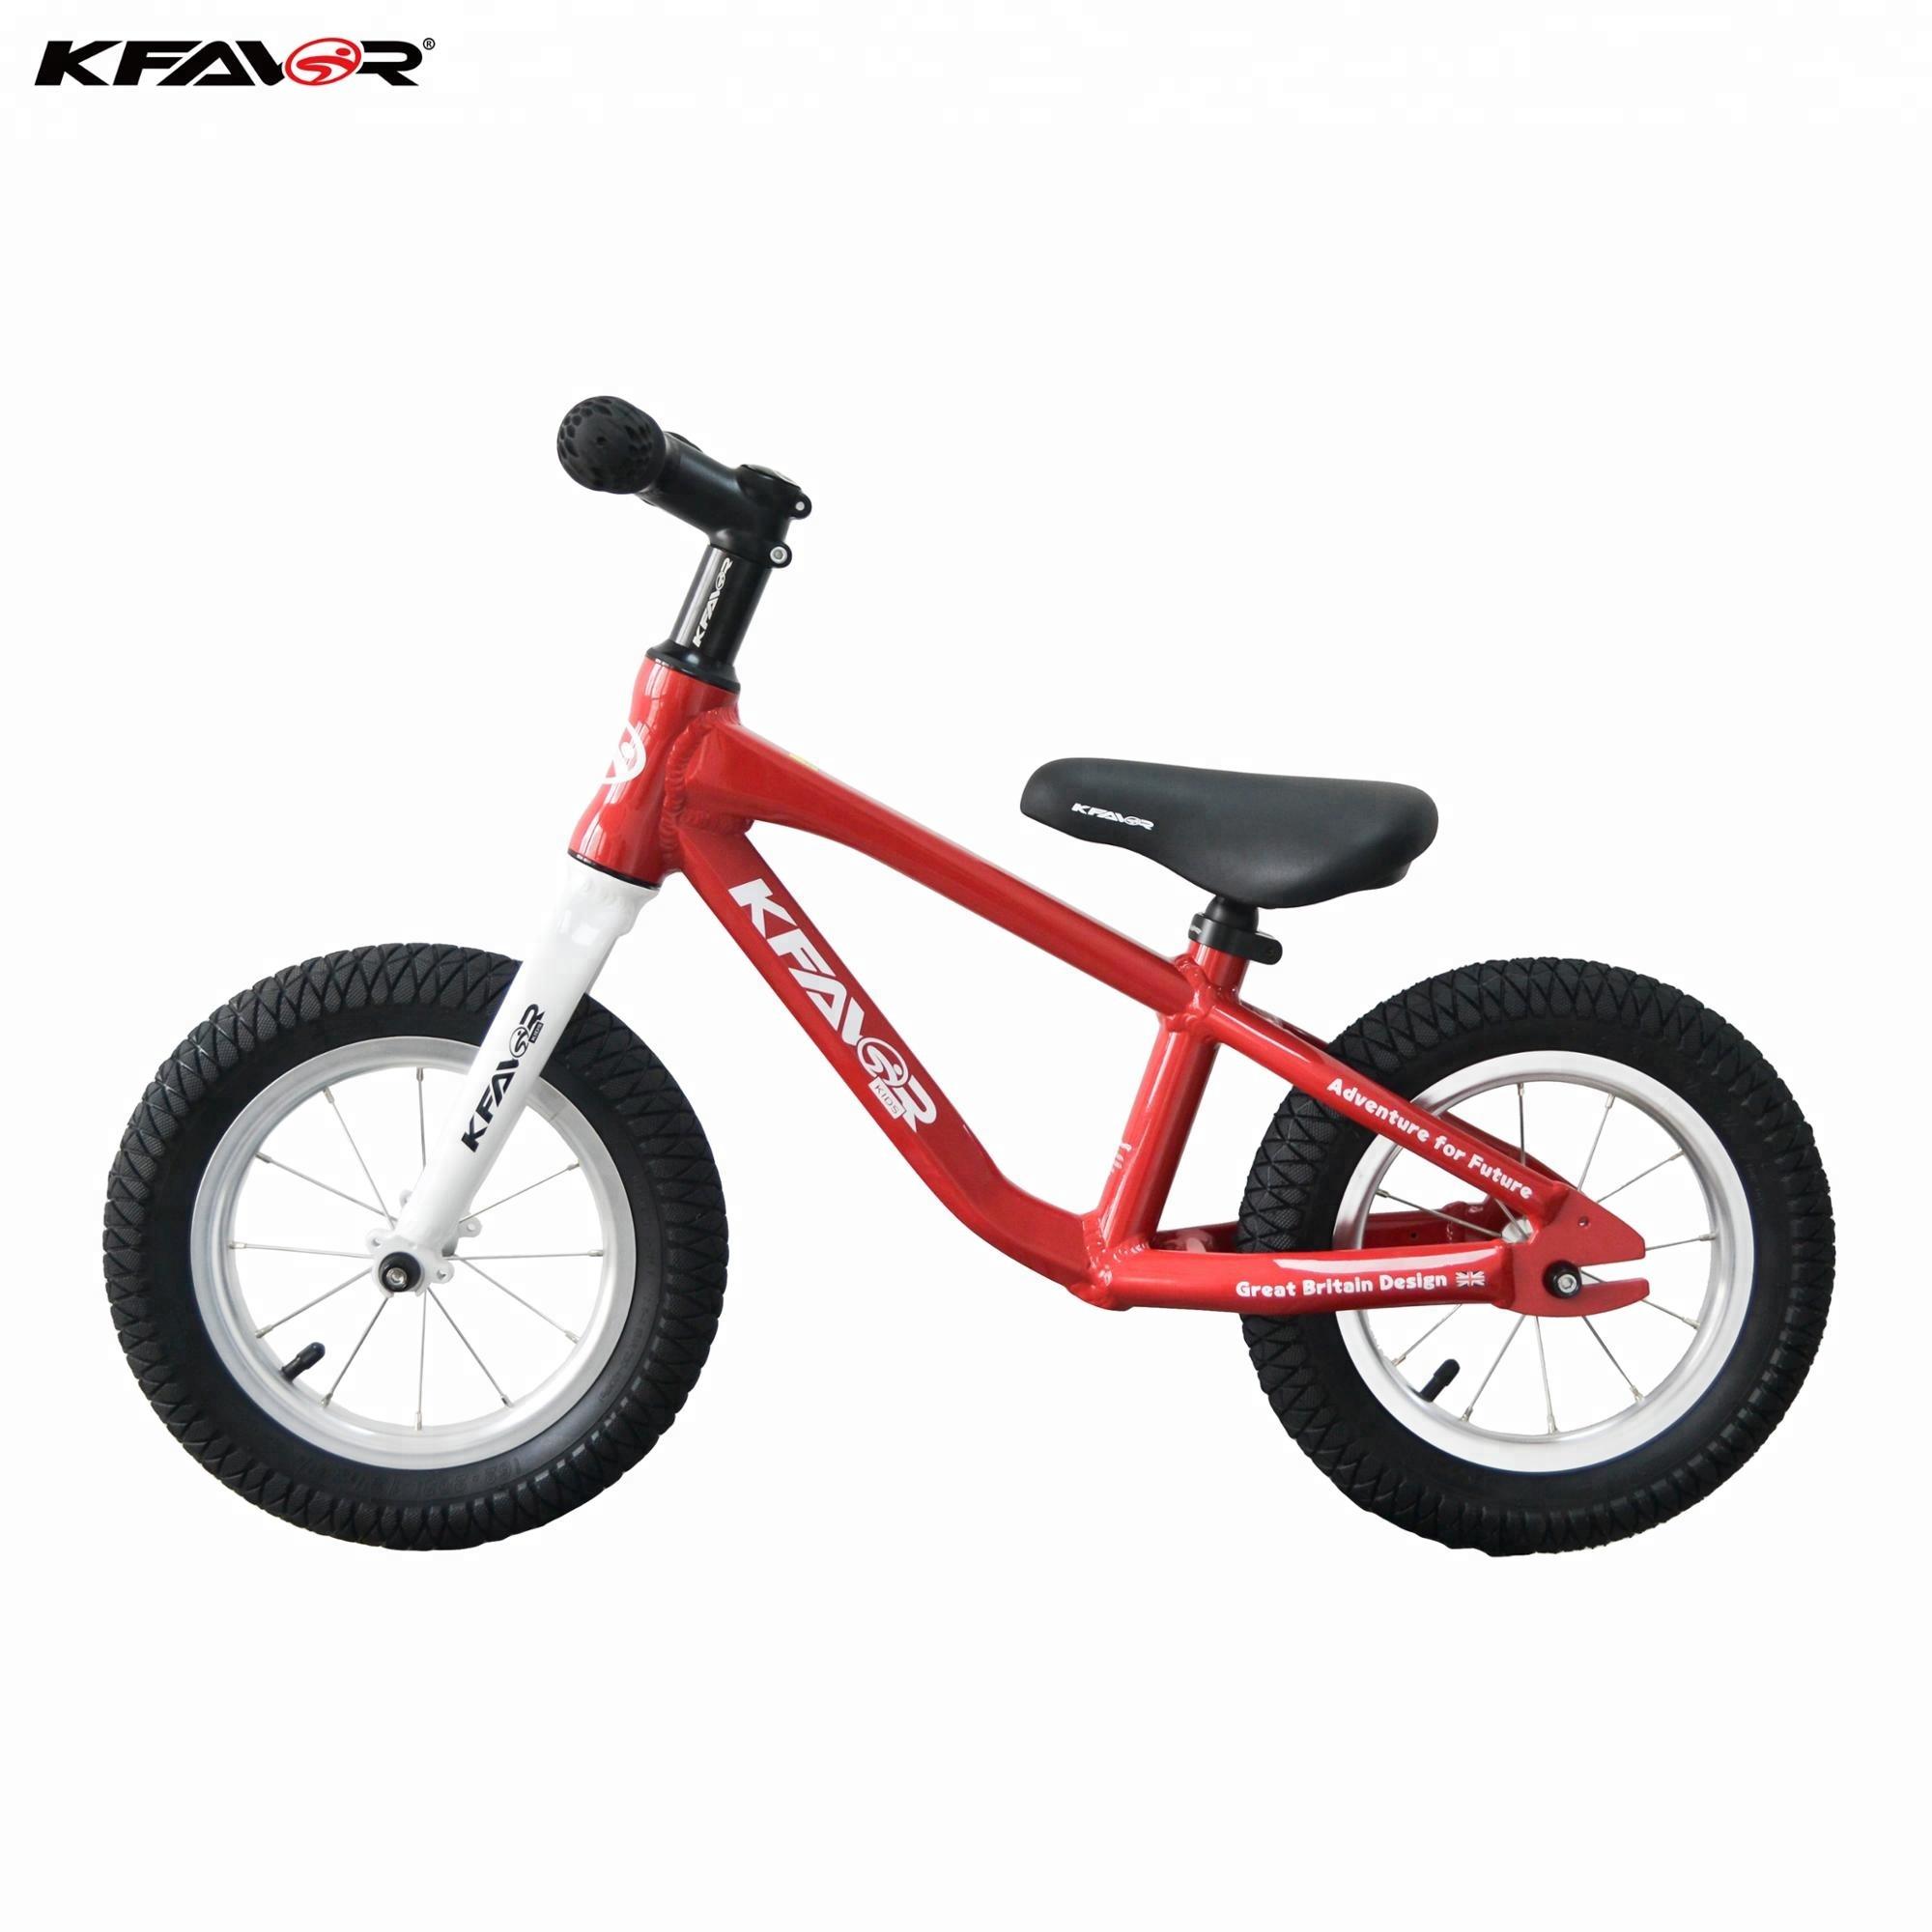 88c0bf20457640 La migliore vendita piedi di alimentazione del capretto corsa della bici  della bicicletta del bambino bilanciamento